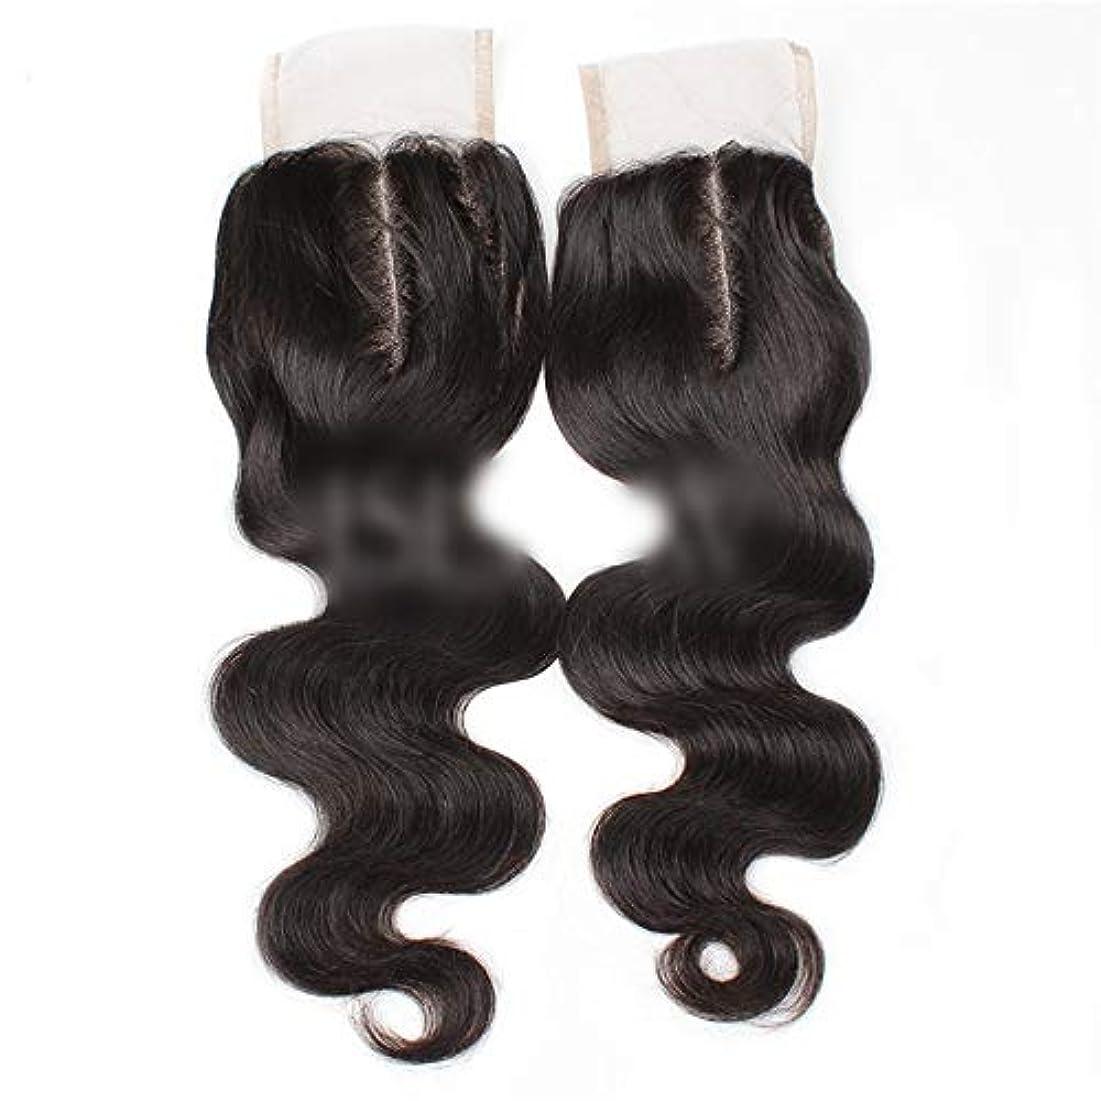 ミット謙虚な廃棄するWASAIO ブラジルの髪の女性生物ブラック8用ボディウェーブ上腹部パート人間の髪「-20」4X4レースクロージャー (色 : 黒, サイズ : 18 inch)